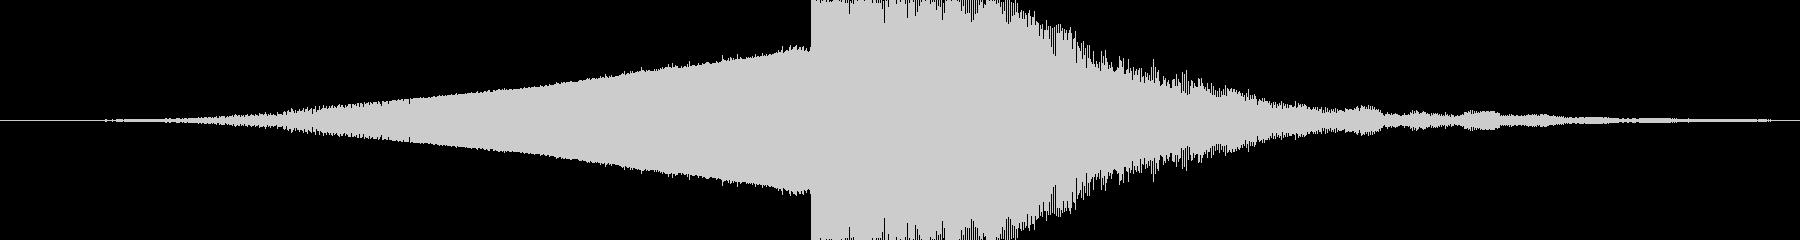 【映画】 シネマティック ライザー 08の未再生の波形